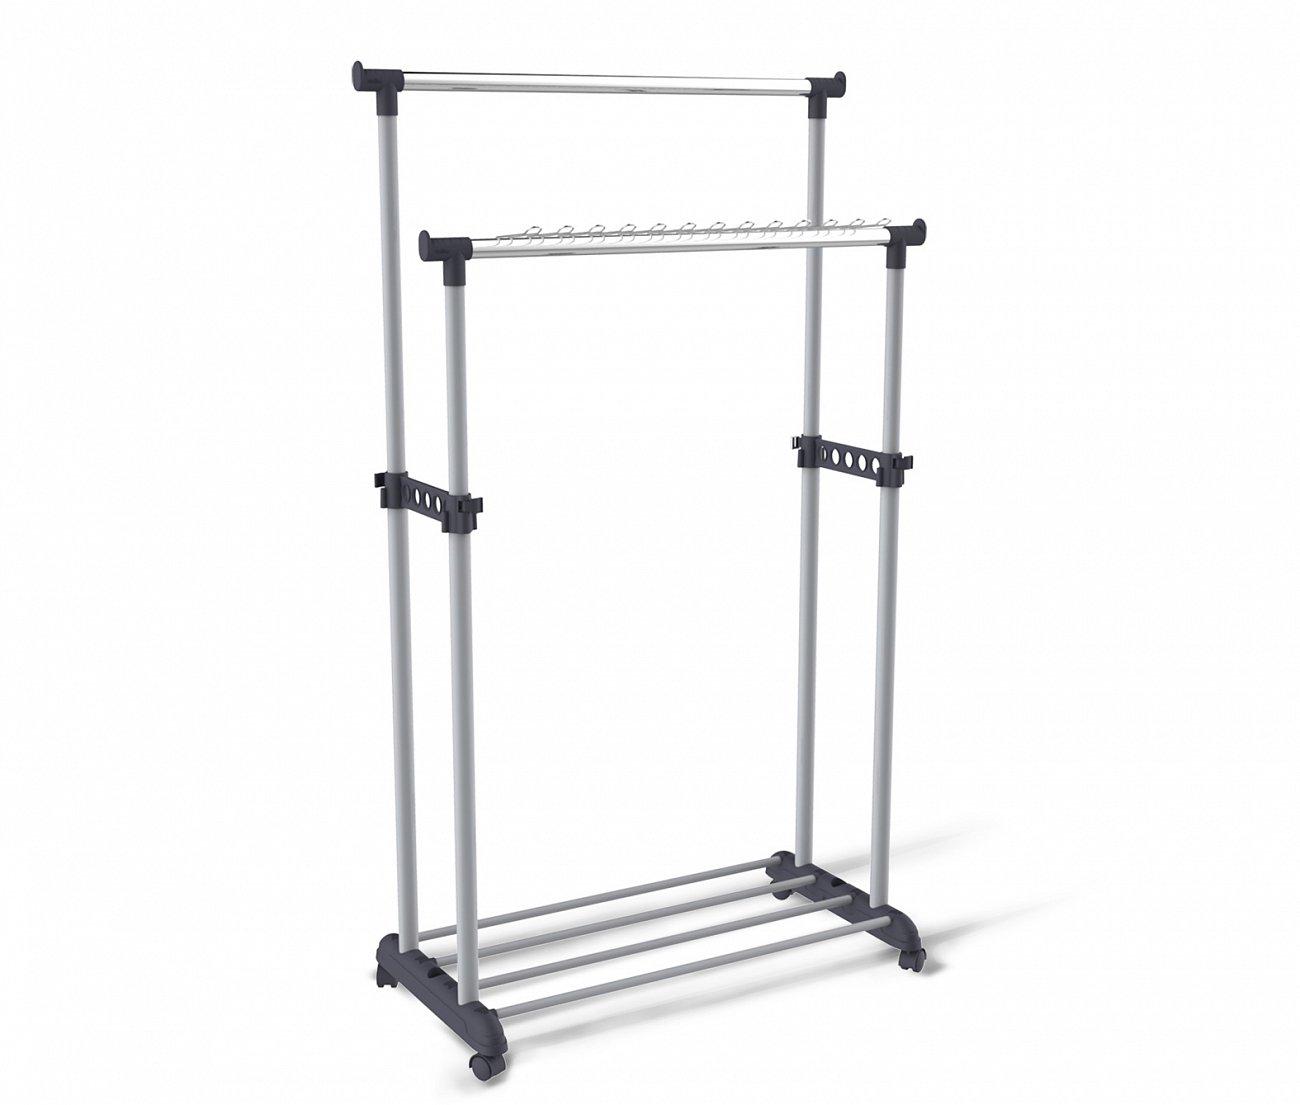 Купить Вешалка гардеробная WR 5 в интернет магазине дизайнерской мебели и аксессуаров для дома и дачи